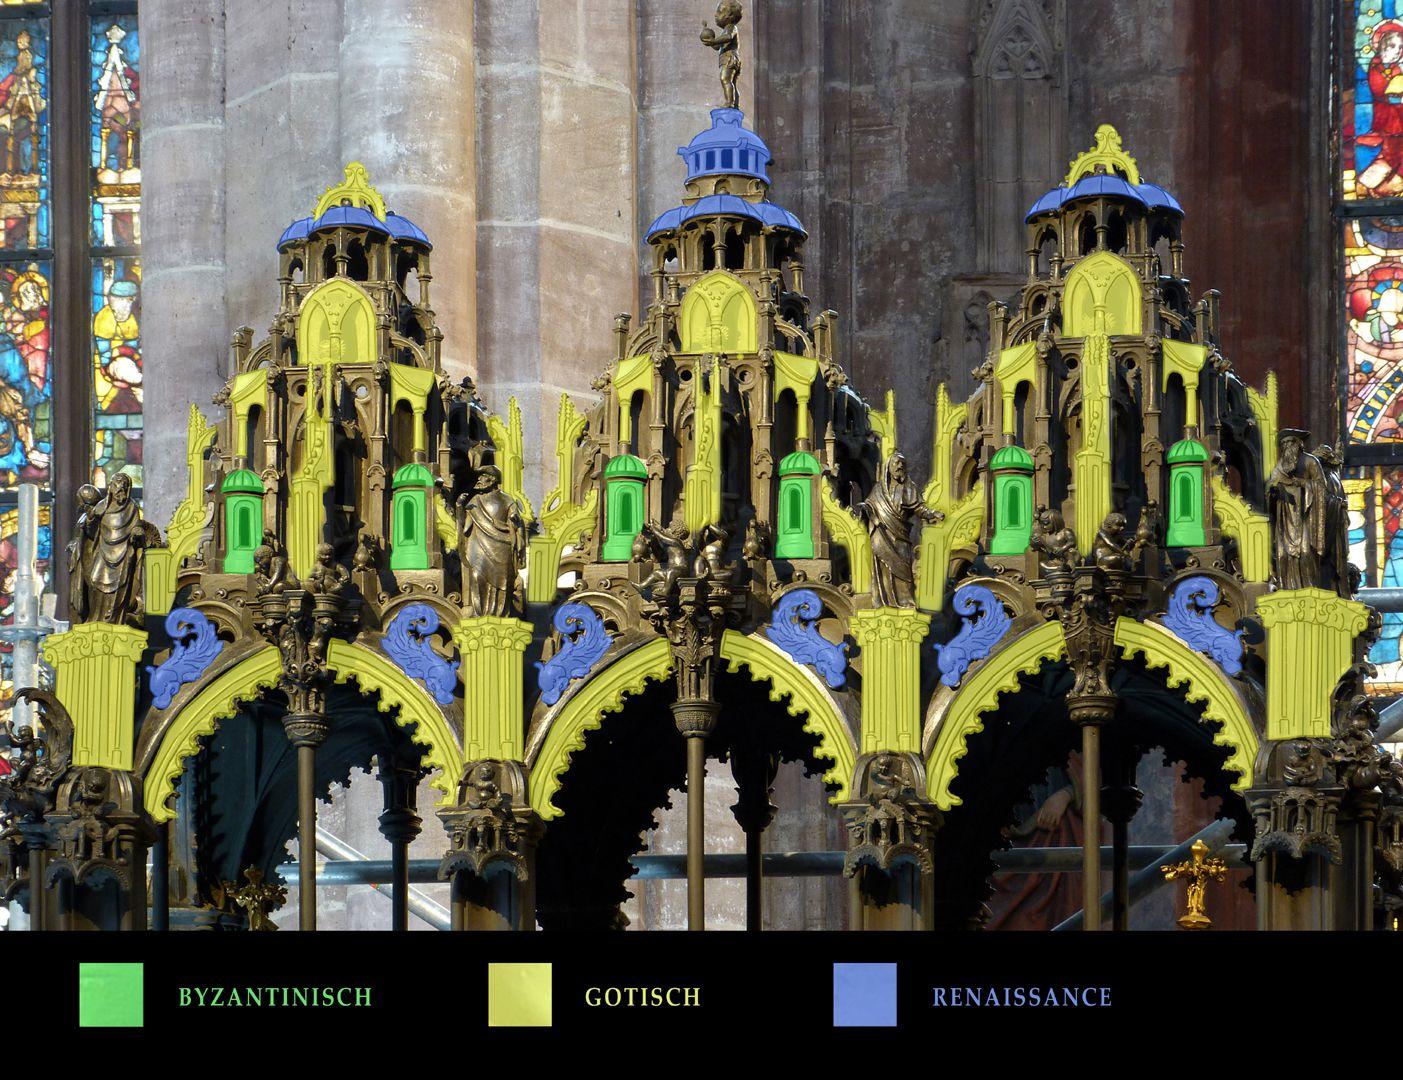 St. Sebaldus Tomb farbige Unterscheidung der Stile